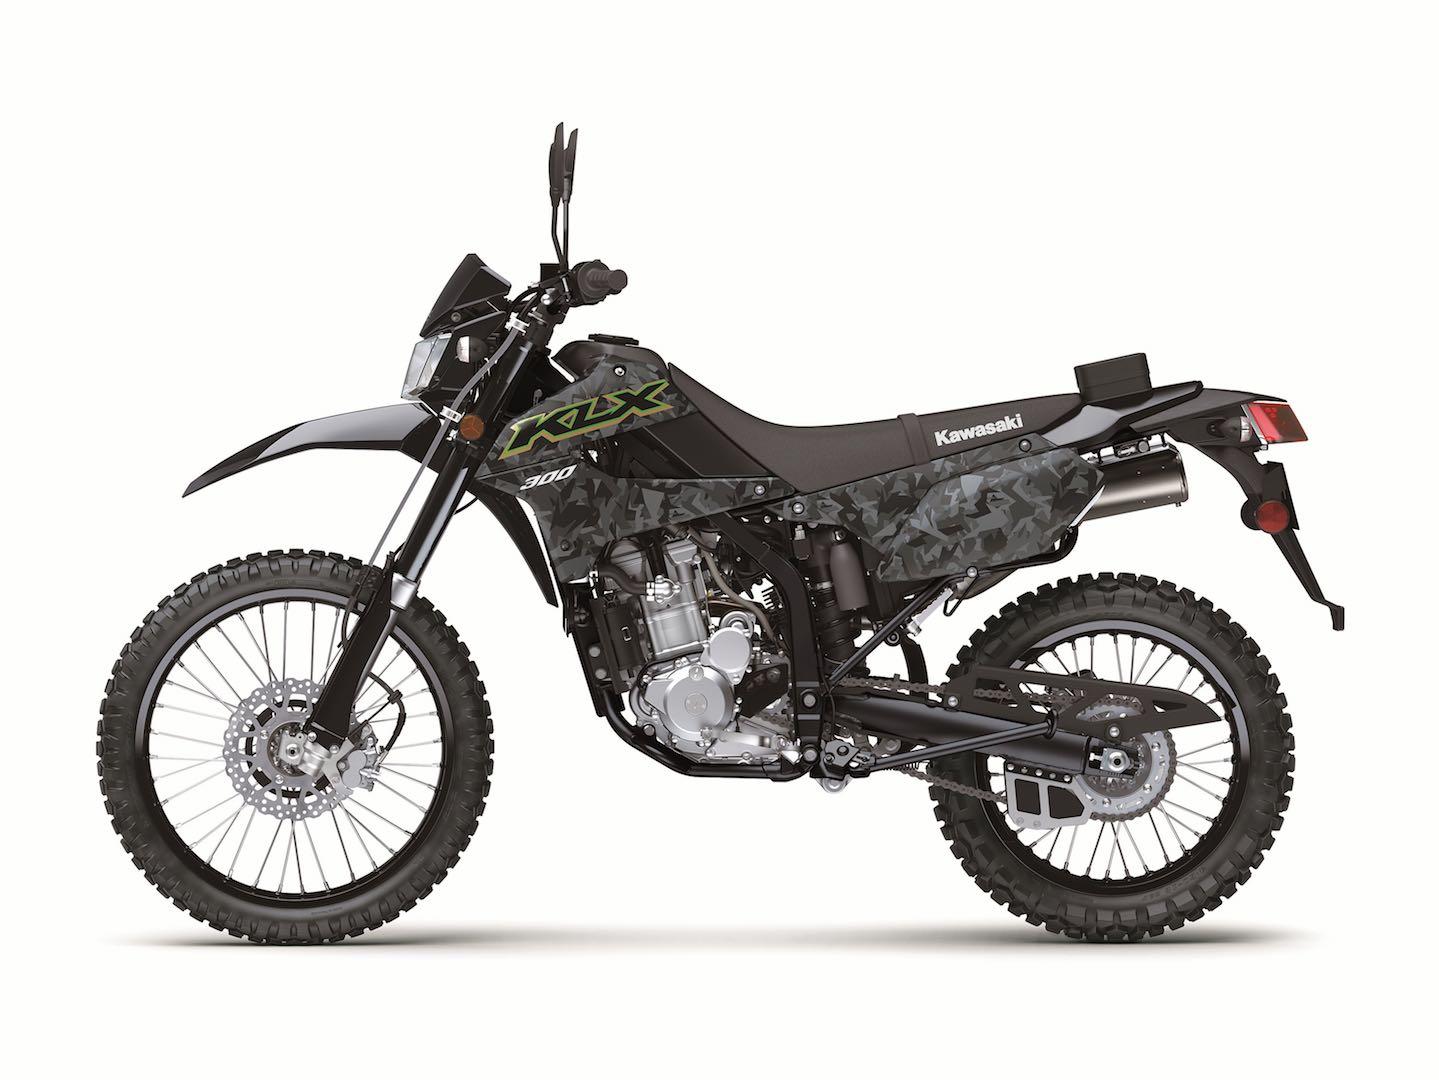 2021 Kawasaki KLX 300 And KLX 300SM First Look